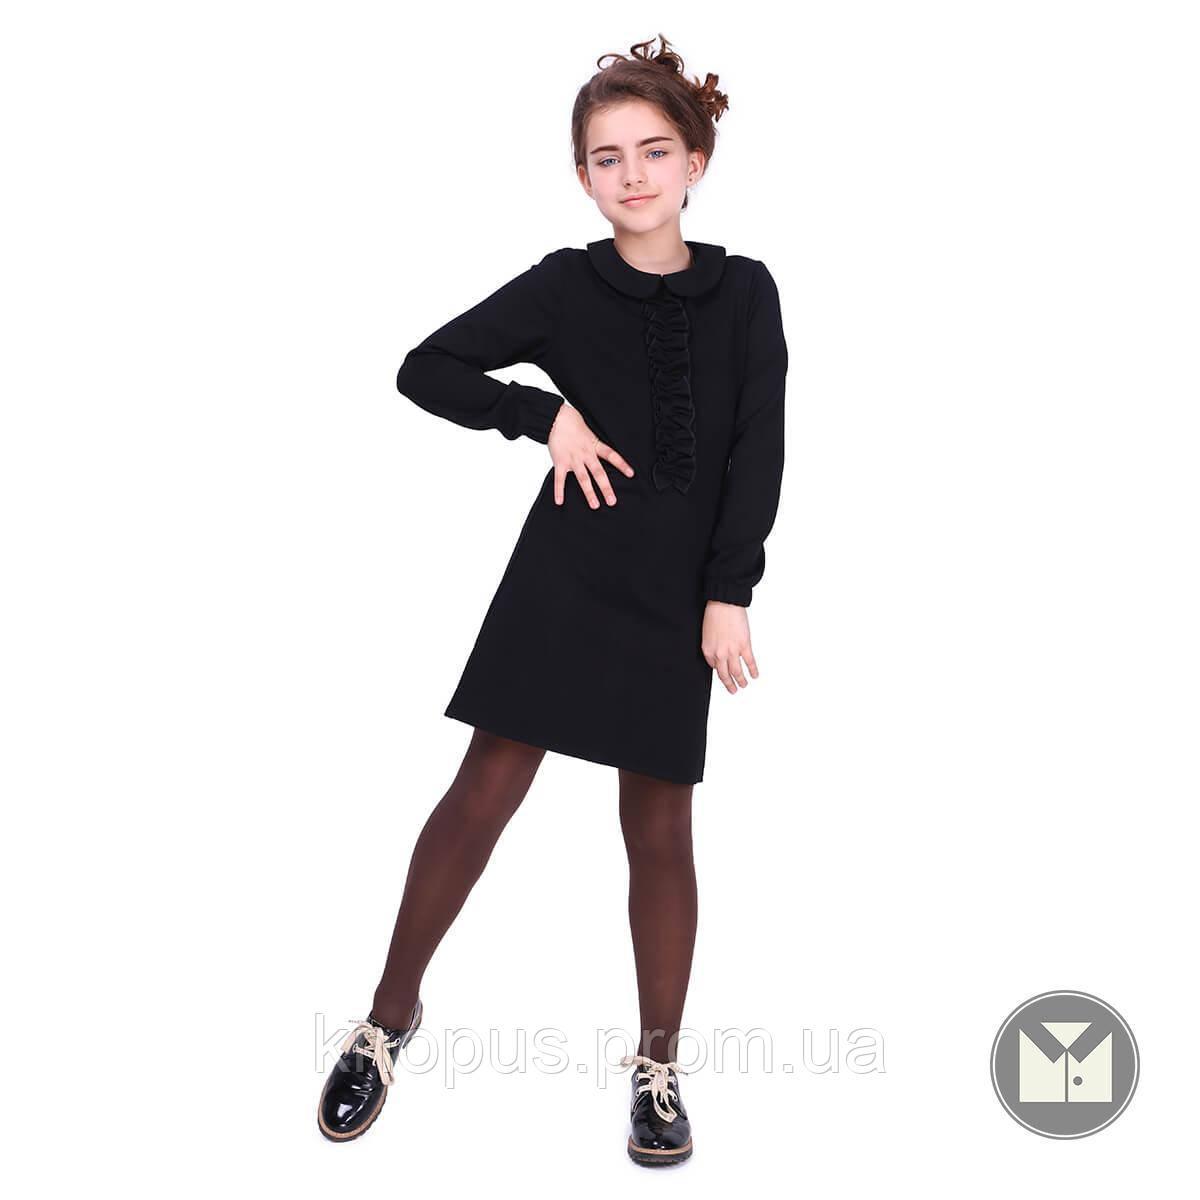 Платье для девочки, Kylie,черное, Timbo, размеры 122-152